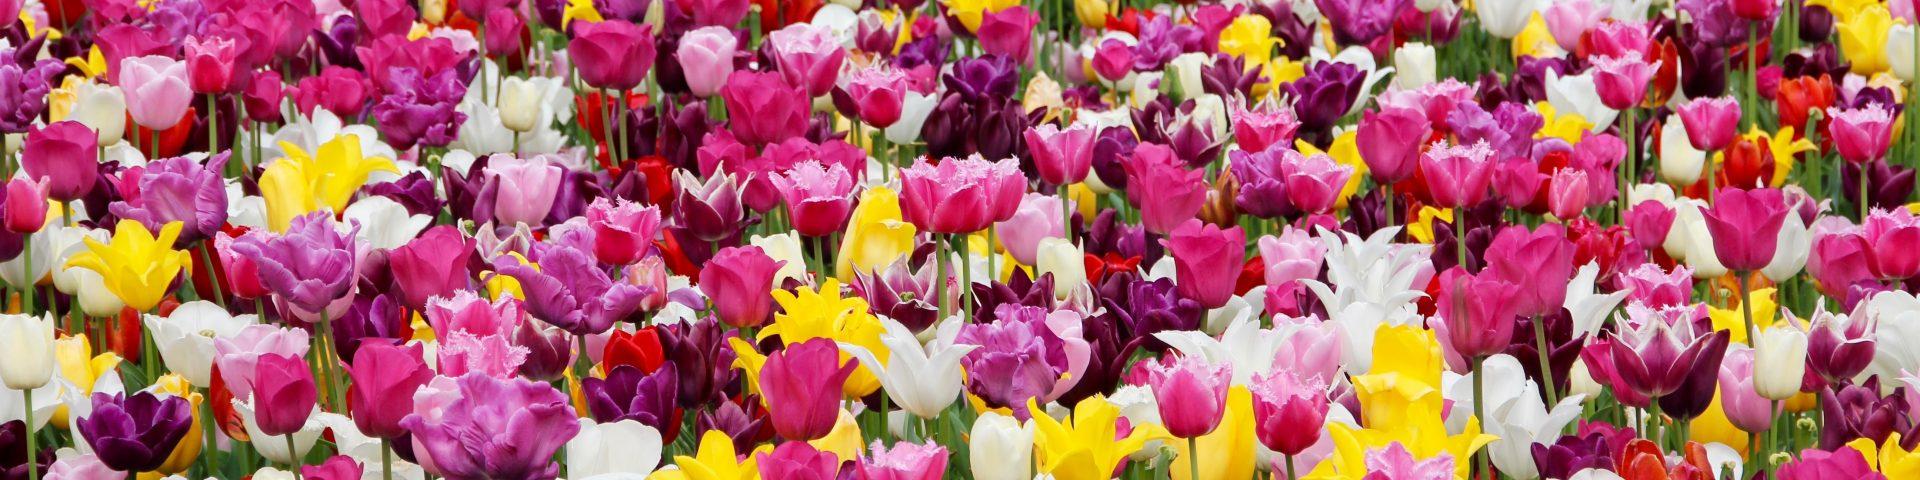 tulips 1405413 1920x480 - Dzień Kobiet - siła kobiet